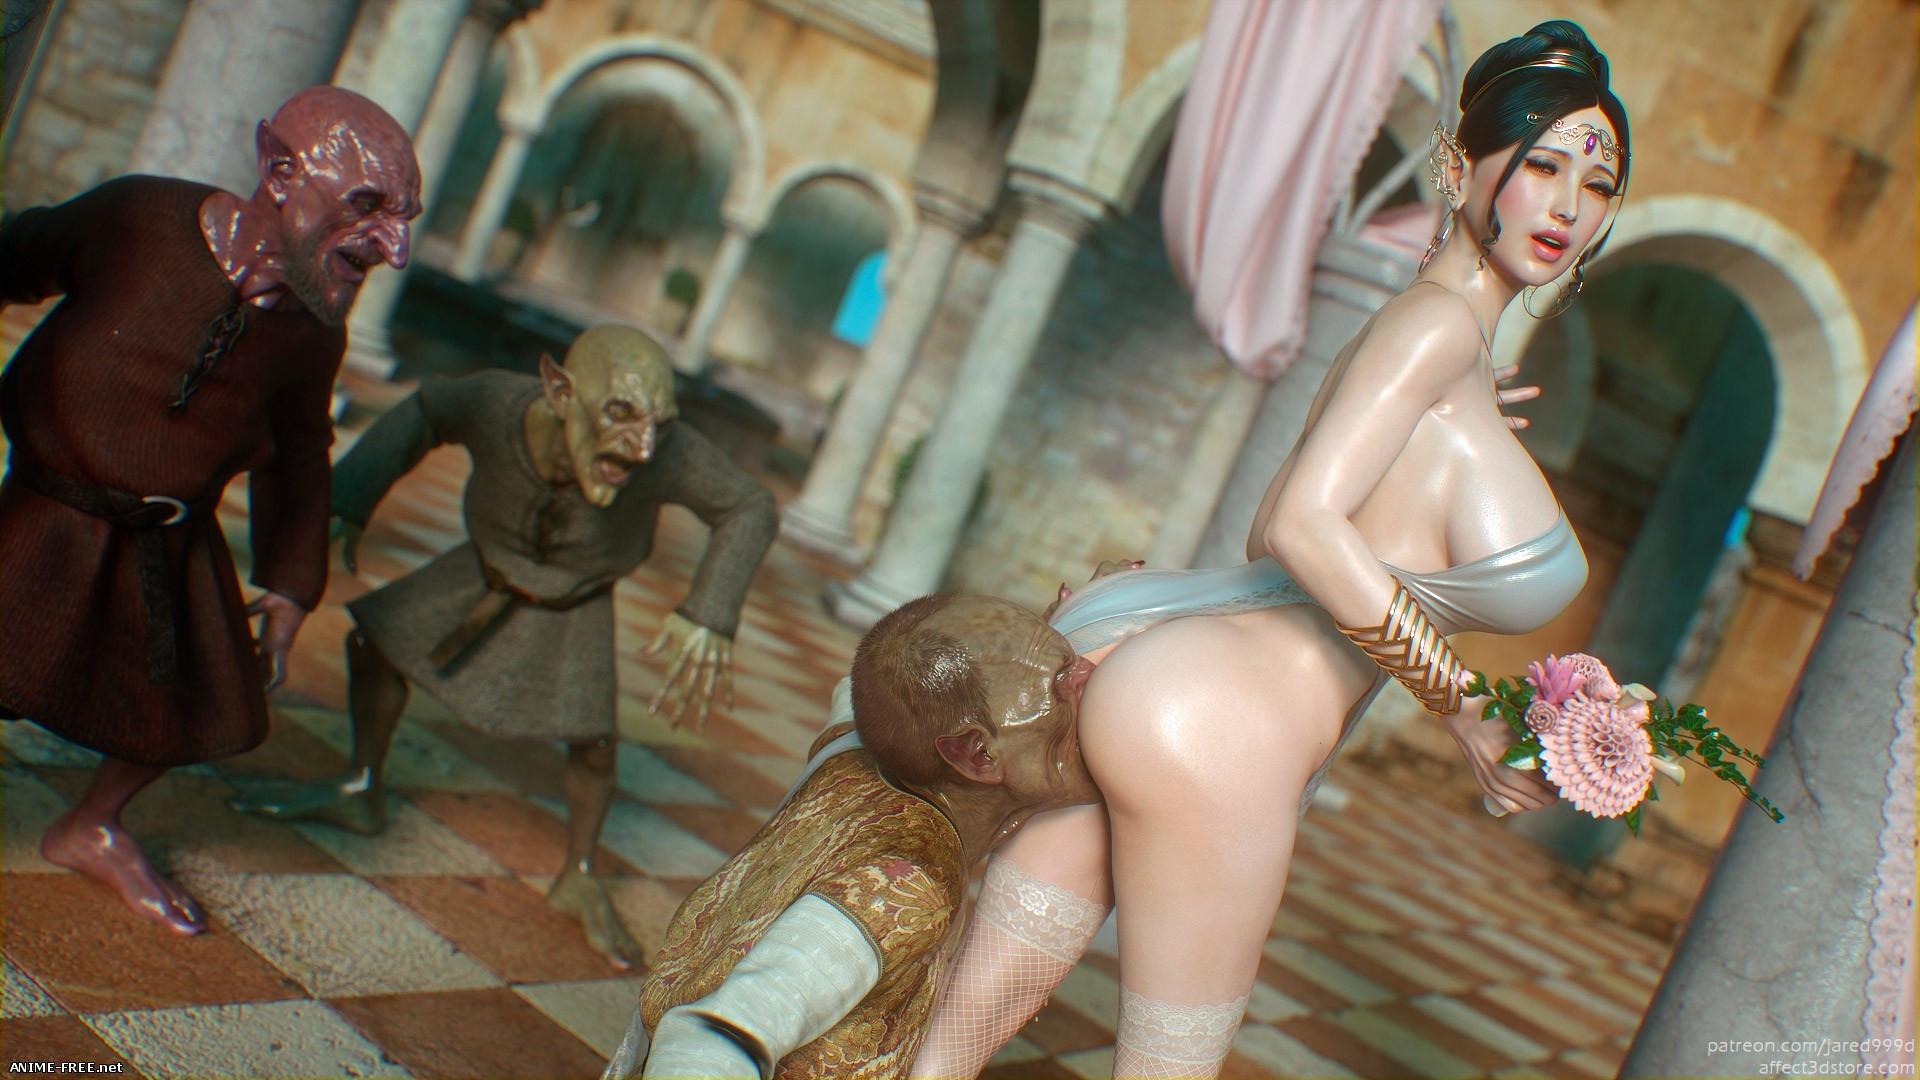 Elf Slave 4: Cross Fate [Uncen] [3DCG] [No-Text] Porn Comics